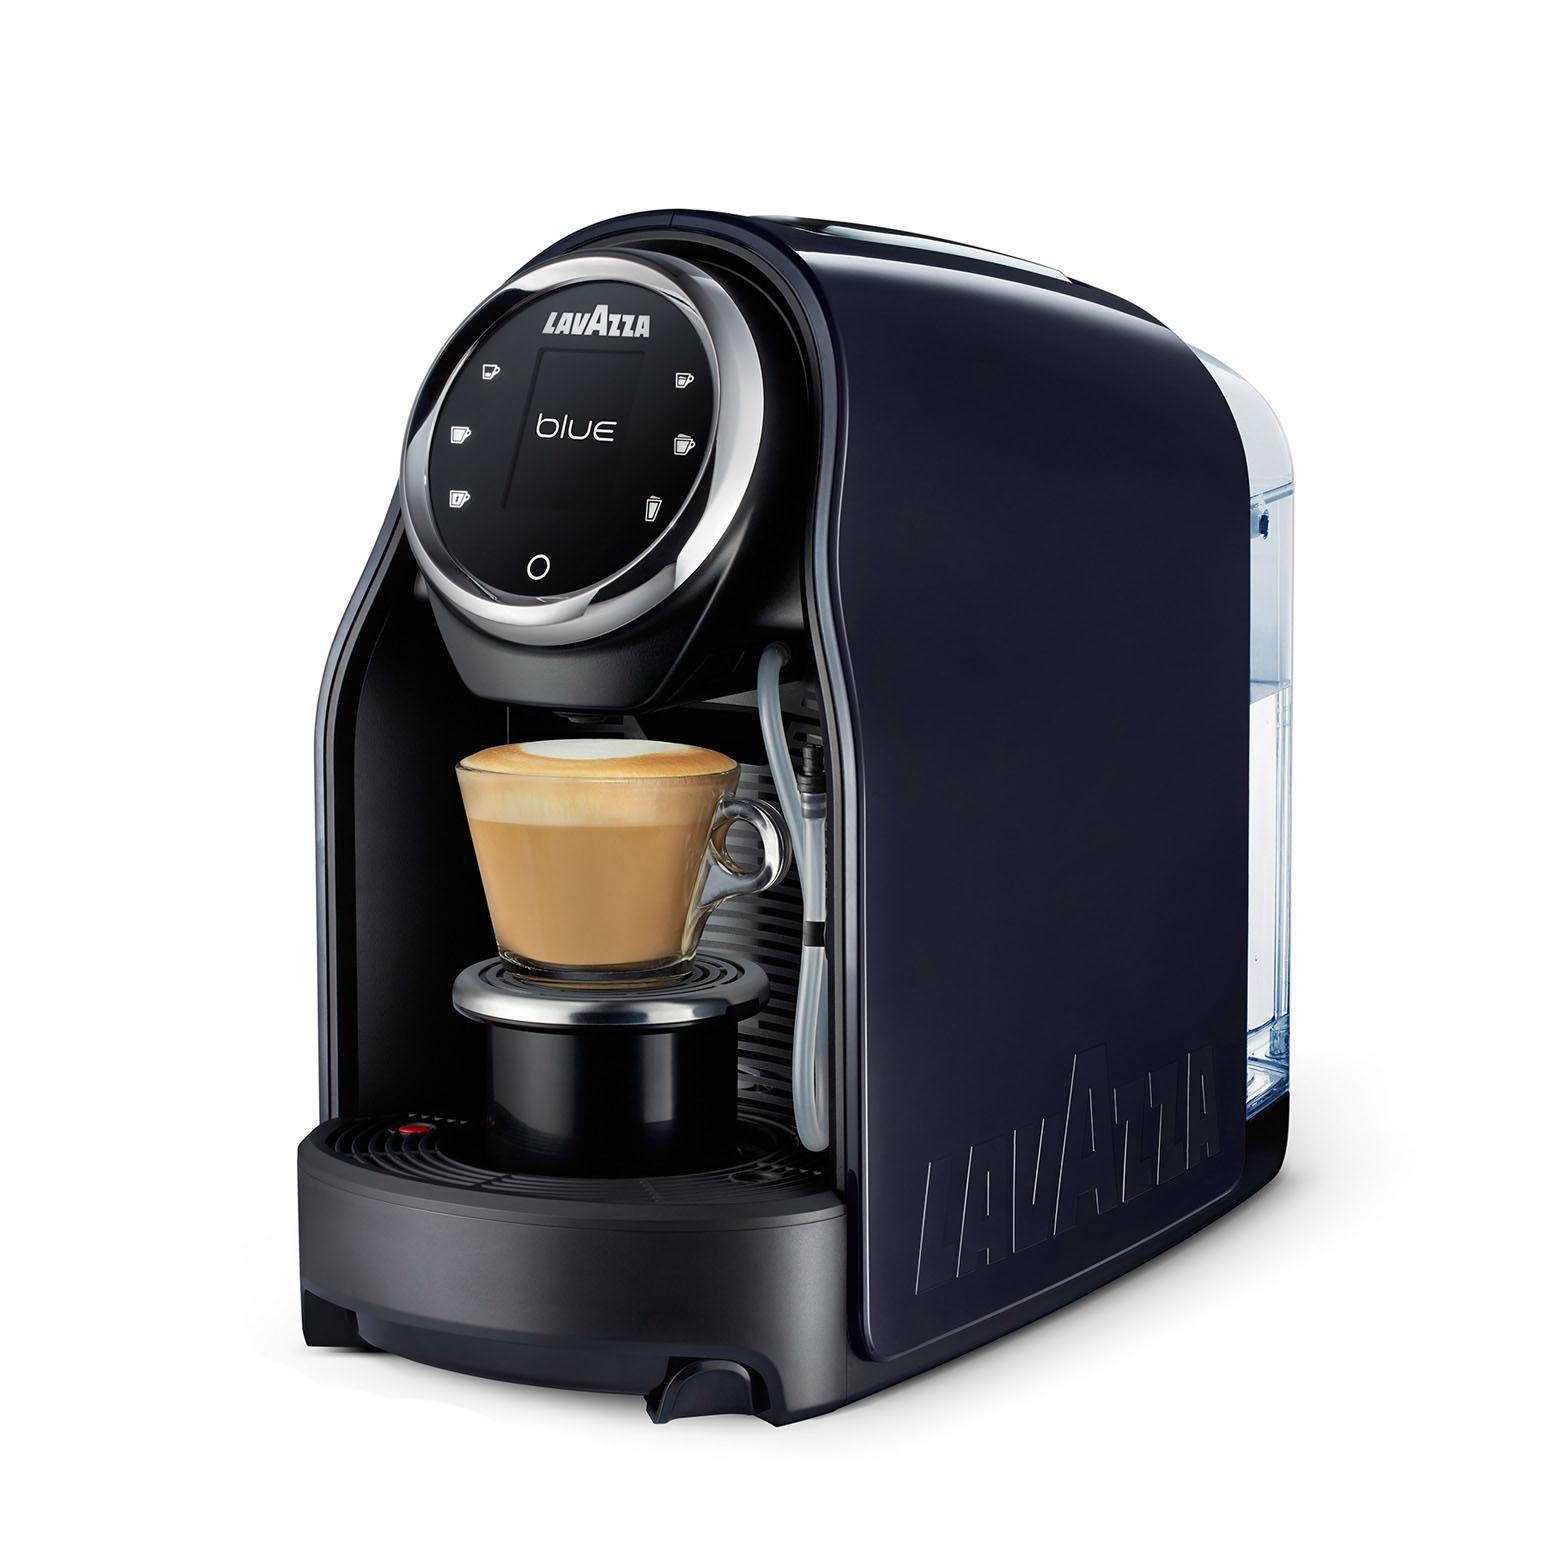 Espressor Lavazza LB 1200 Classy Milk, compatibil Lavazza Blue, 1455W, 1.8 lt, 3 selectii, milk frother